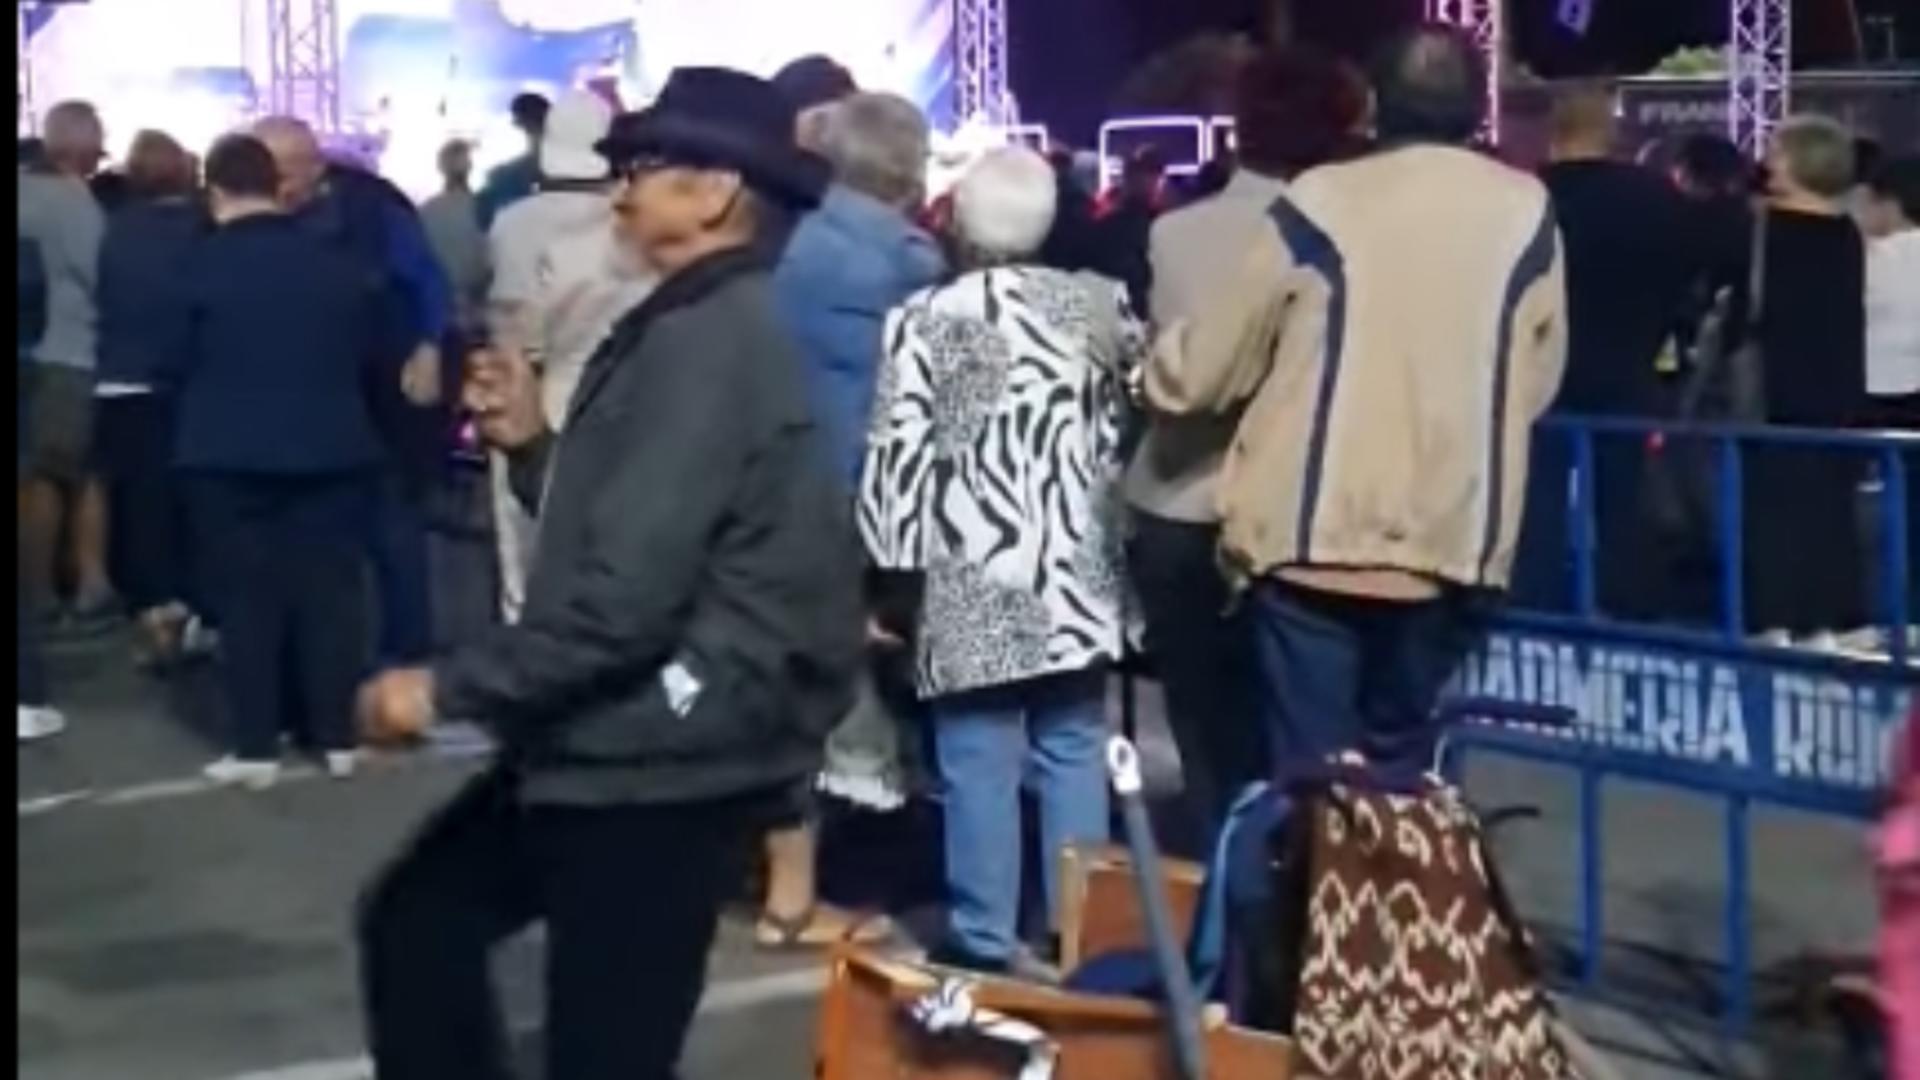 Bărbat în scaun cu rotile, se ridică și dansează / Captură video